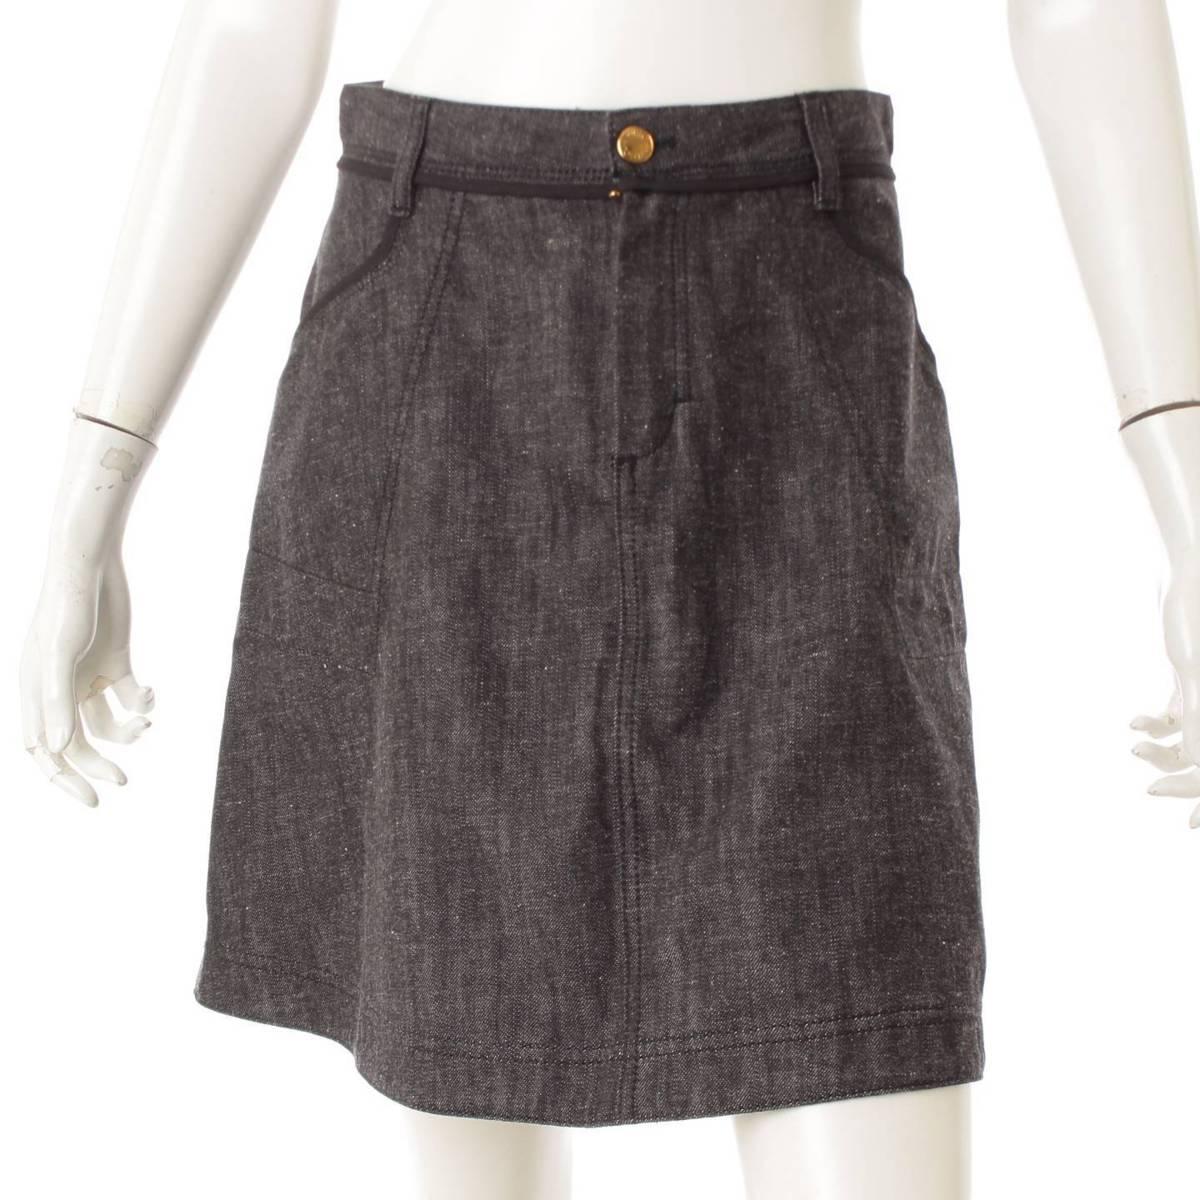 【ルイヴィトン】Louis Vuitton デニム スカート 38 【中古】【鑑定済・正規品保証】82677